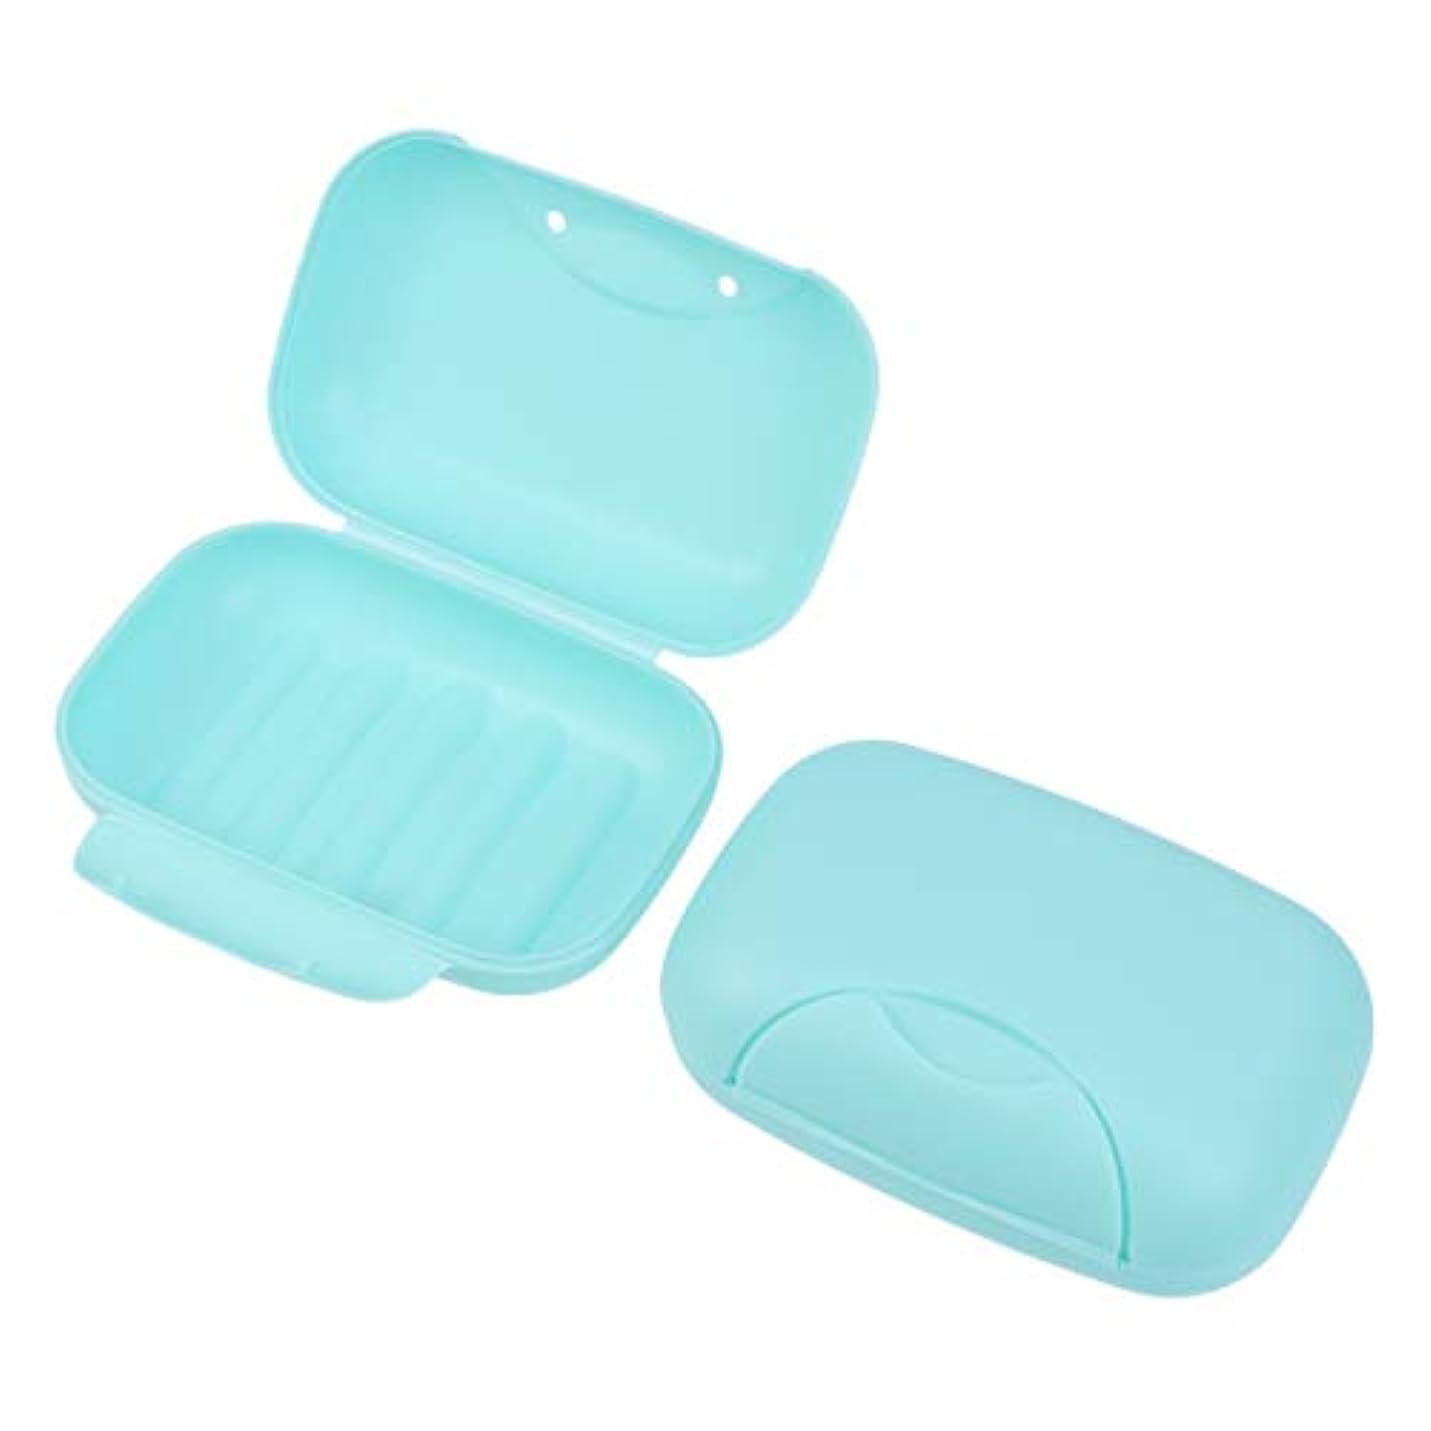 蚊入口二十Healifty 旅行用ソープボックス防水石鹸皿ソープホルダー2個(青)